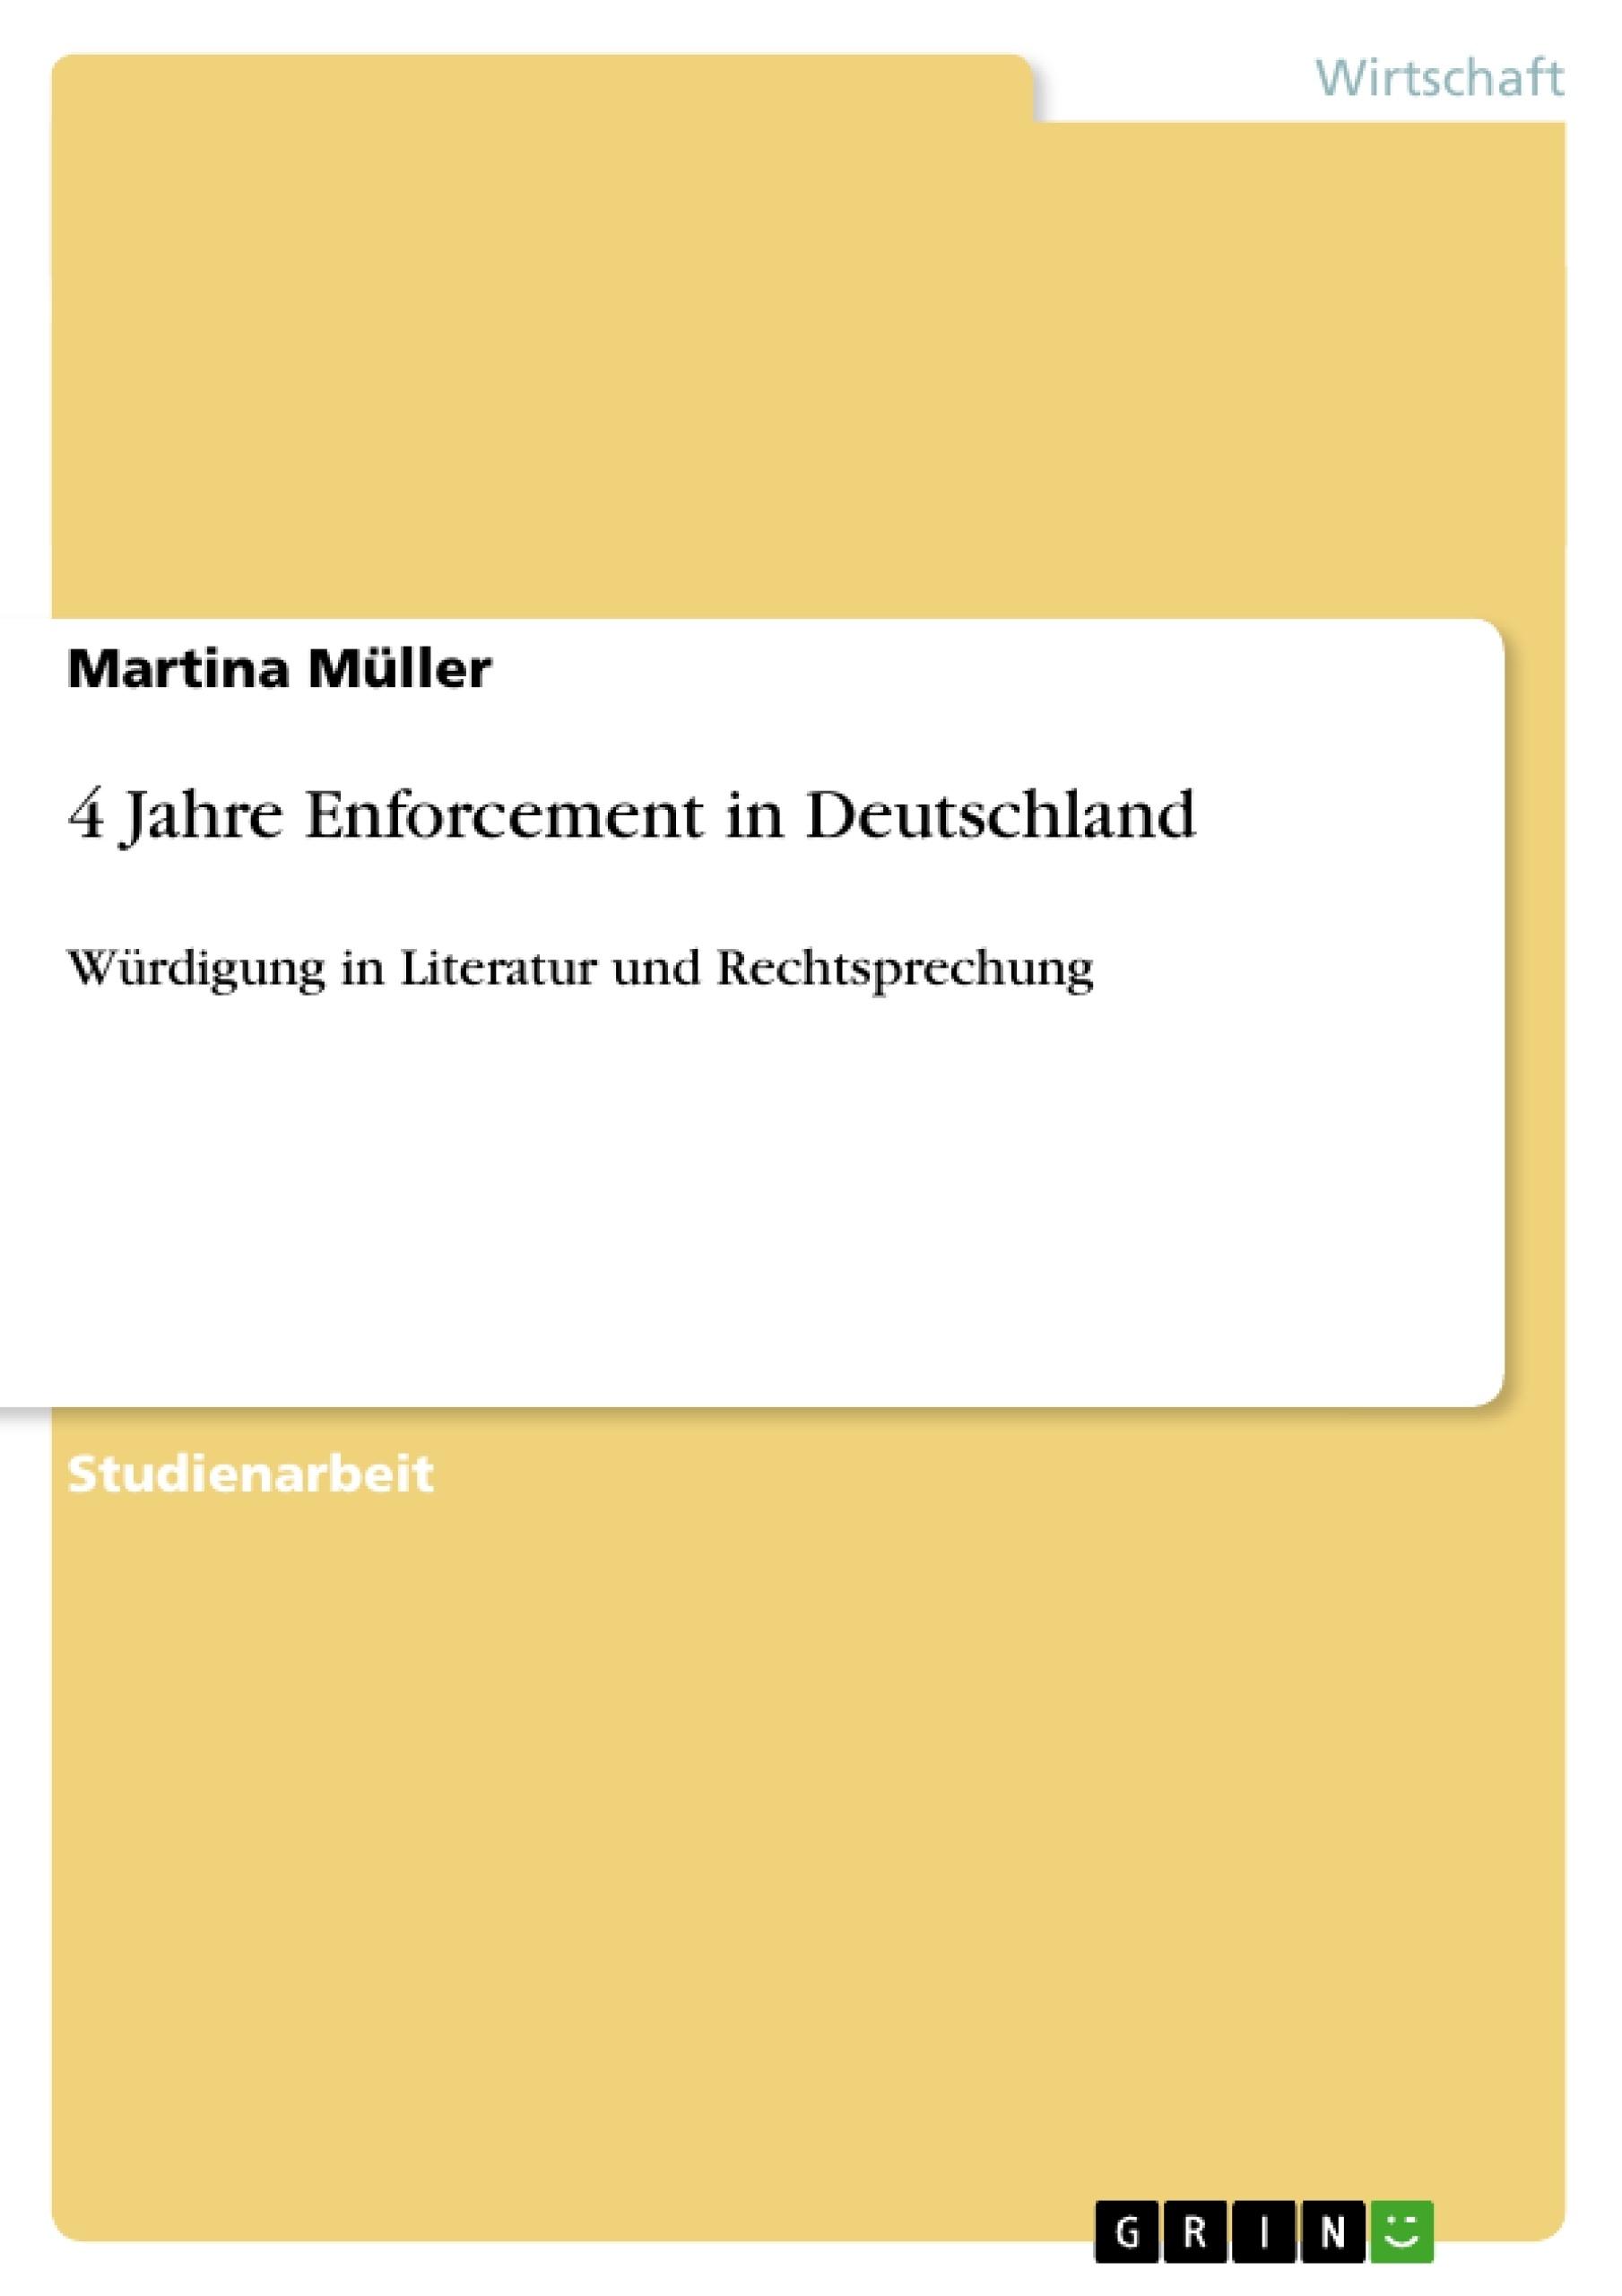 Titel: 4 Jahre Enforcement in Deutschland